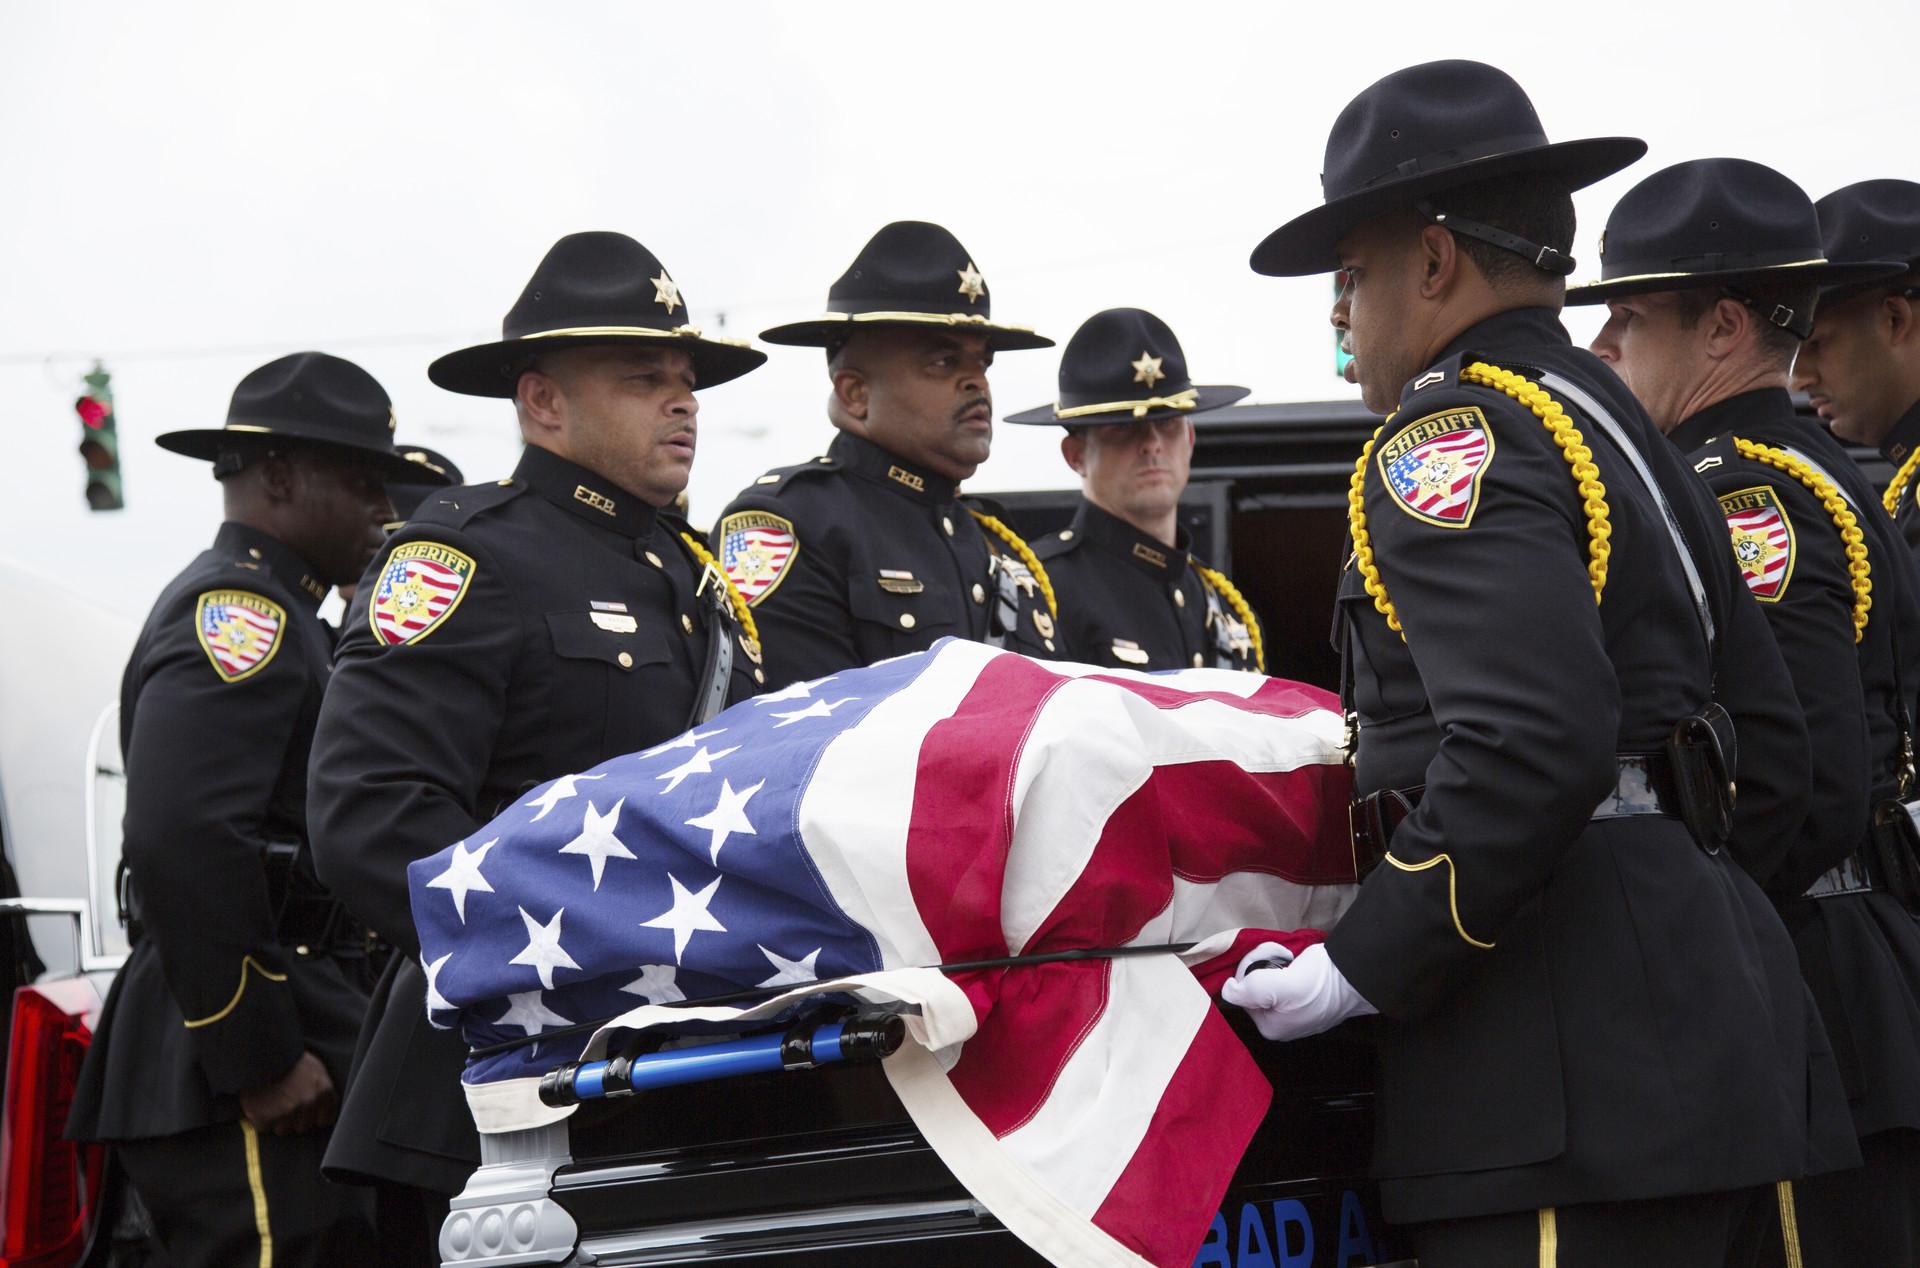 Funeral de Brad Garafola, uno de los policías asesinados en la masacre de Baton Rouge, Louisiana. 23 de julio de 2016.